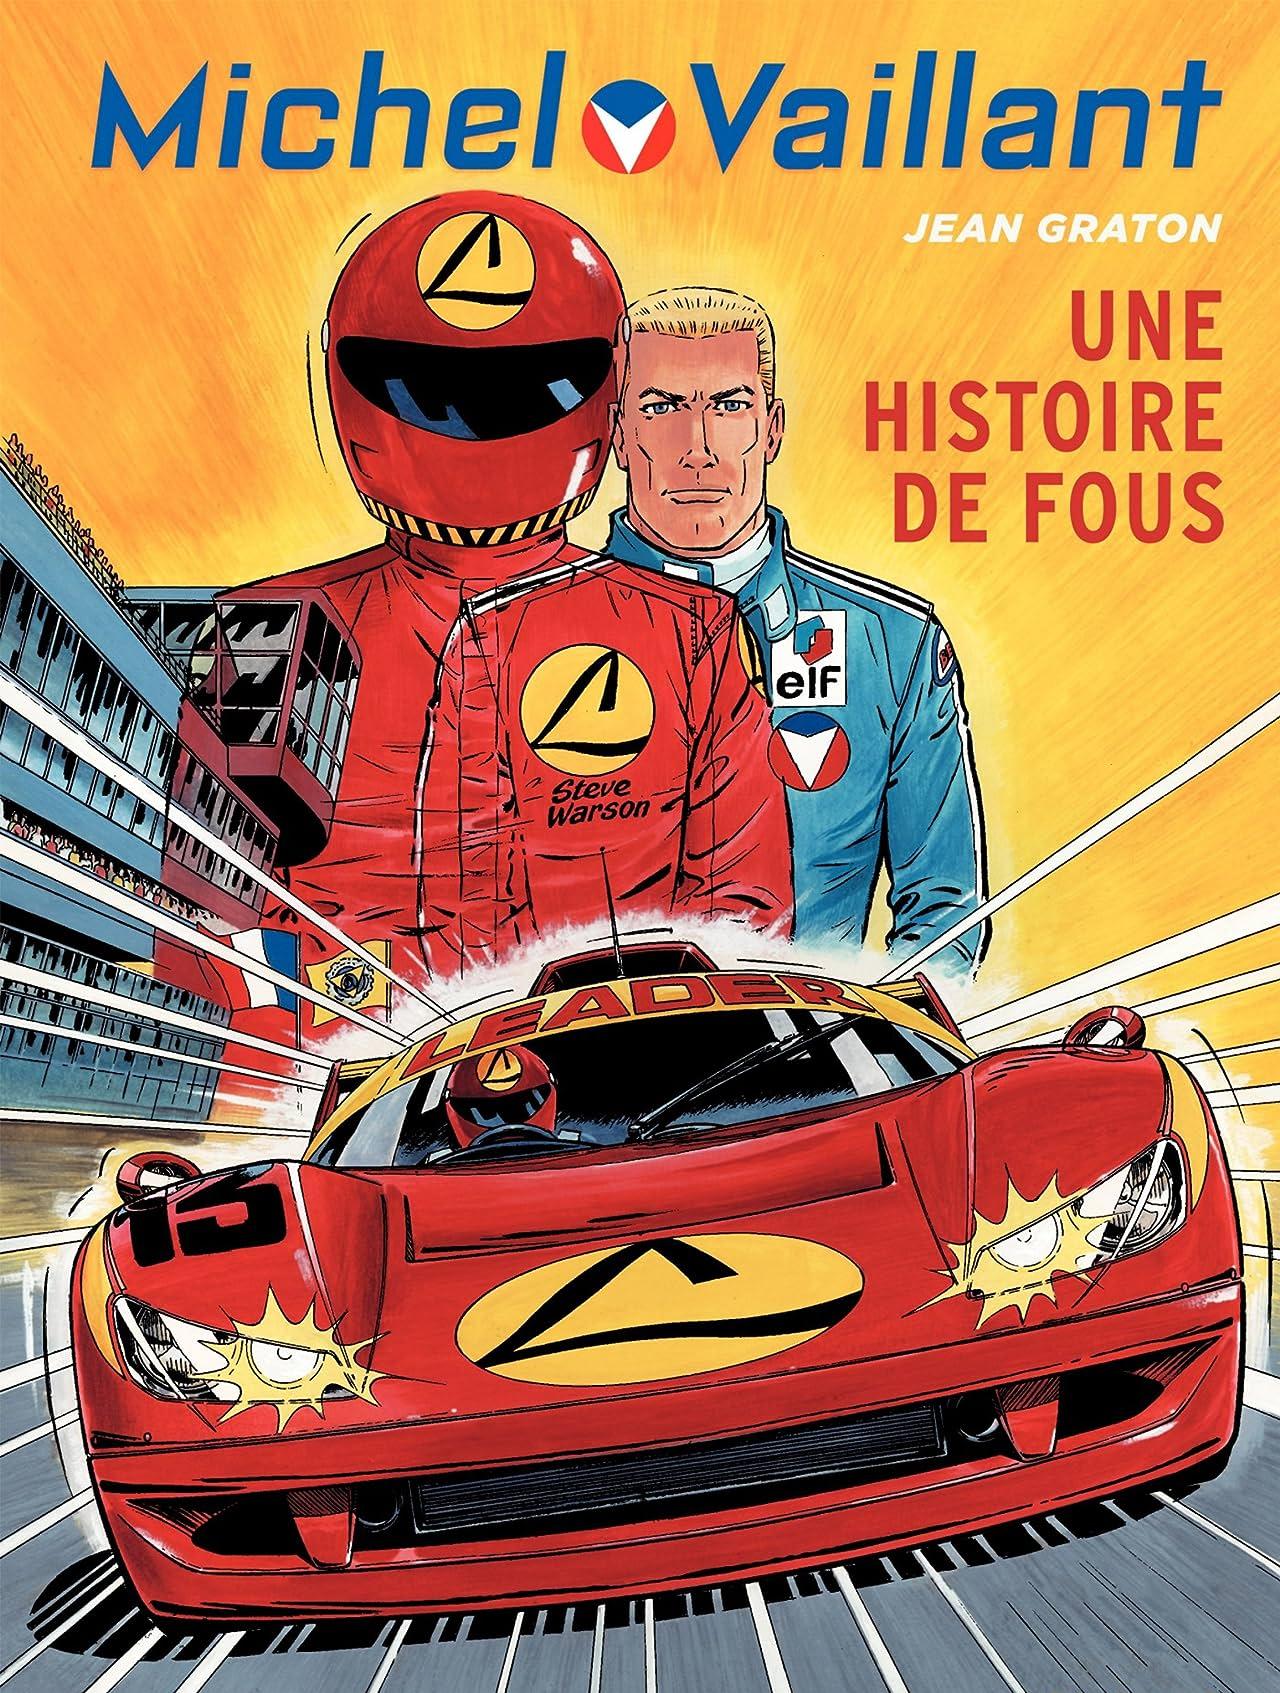 [Ferrari] Modèles uniques / One Off - MàJ : F12 TRS - Page 7 562311._SX1280_QL80_TTD_